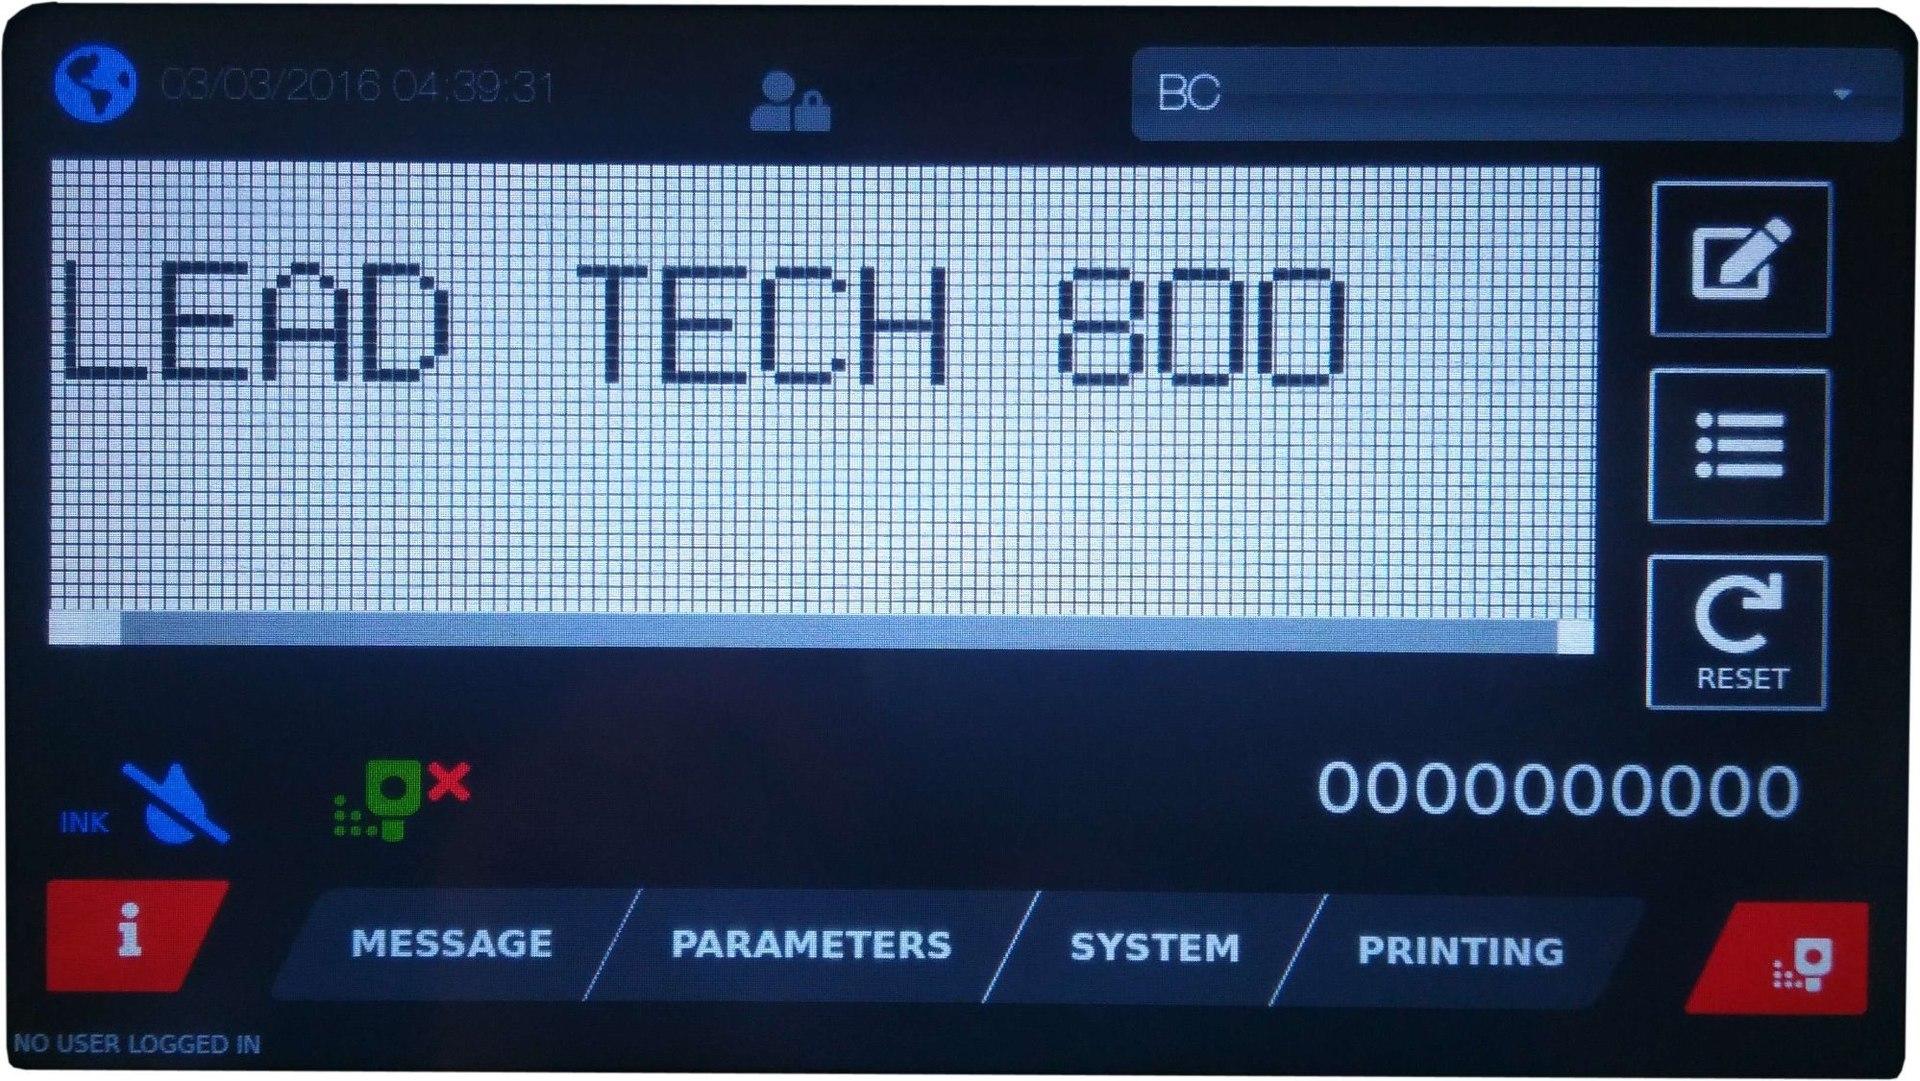 Lt800 Egg Coding Cij Inkjet Printer